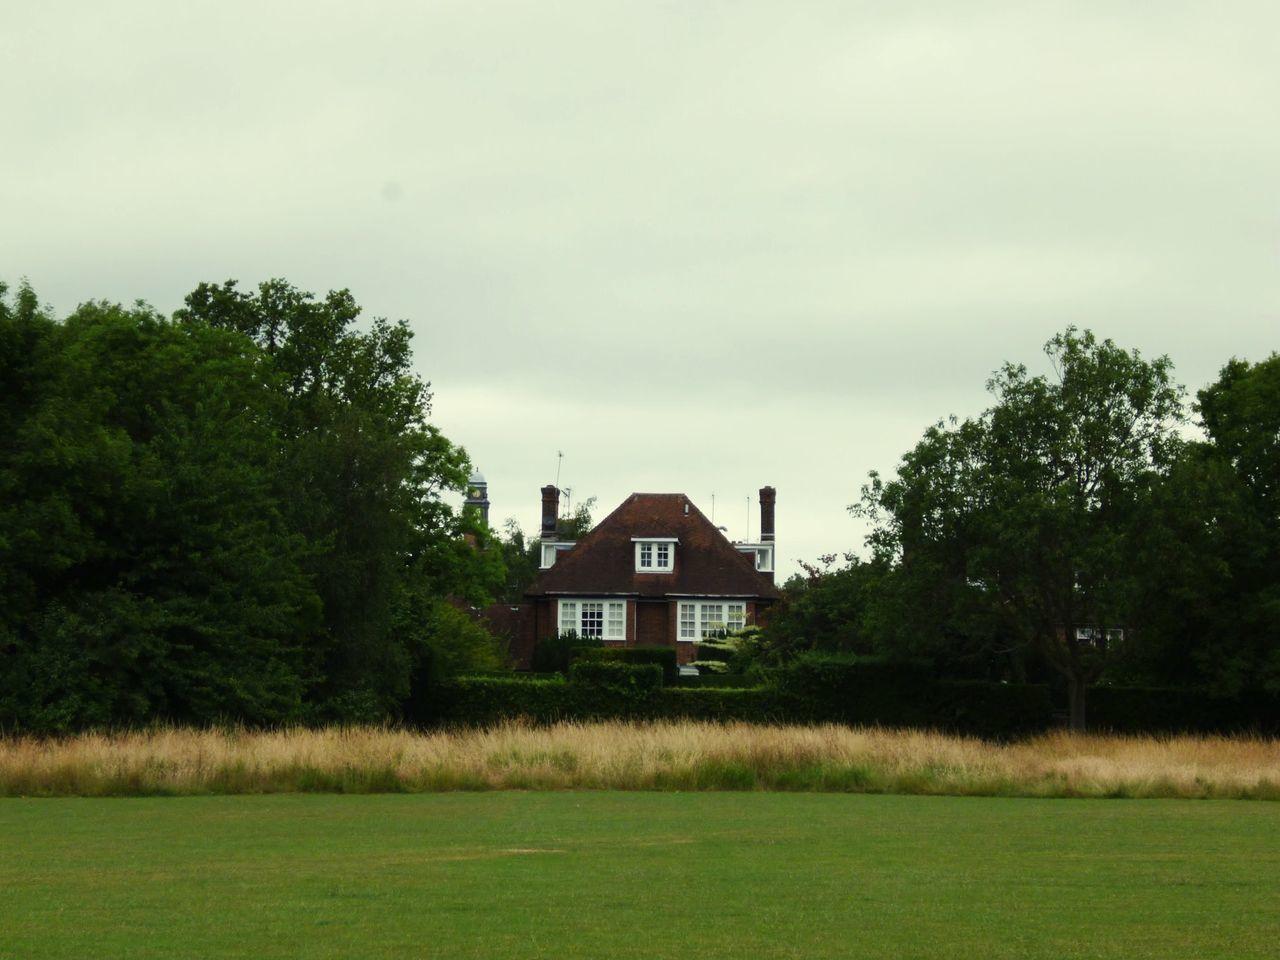 'Proper' Hampstead Heath Grass Field House Symmetry Sky -- B